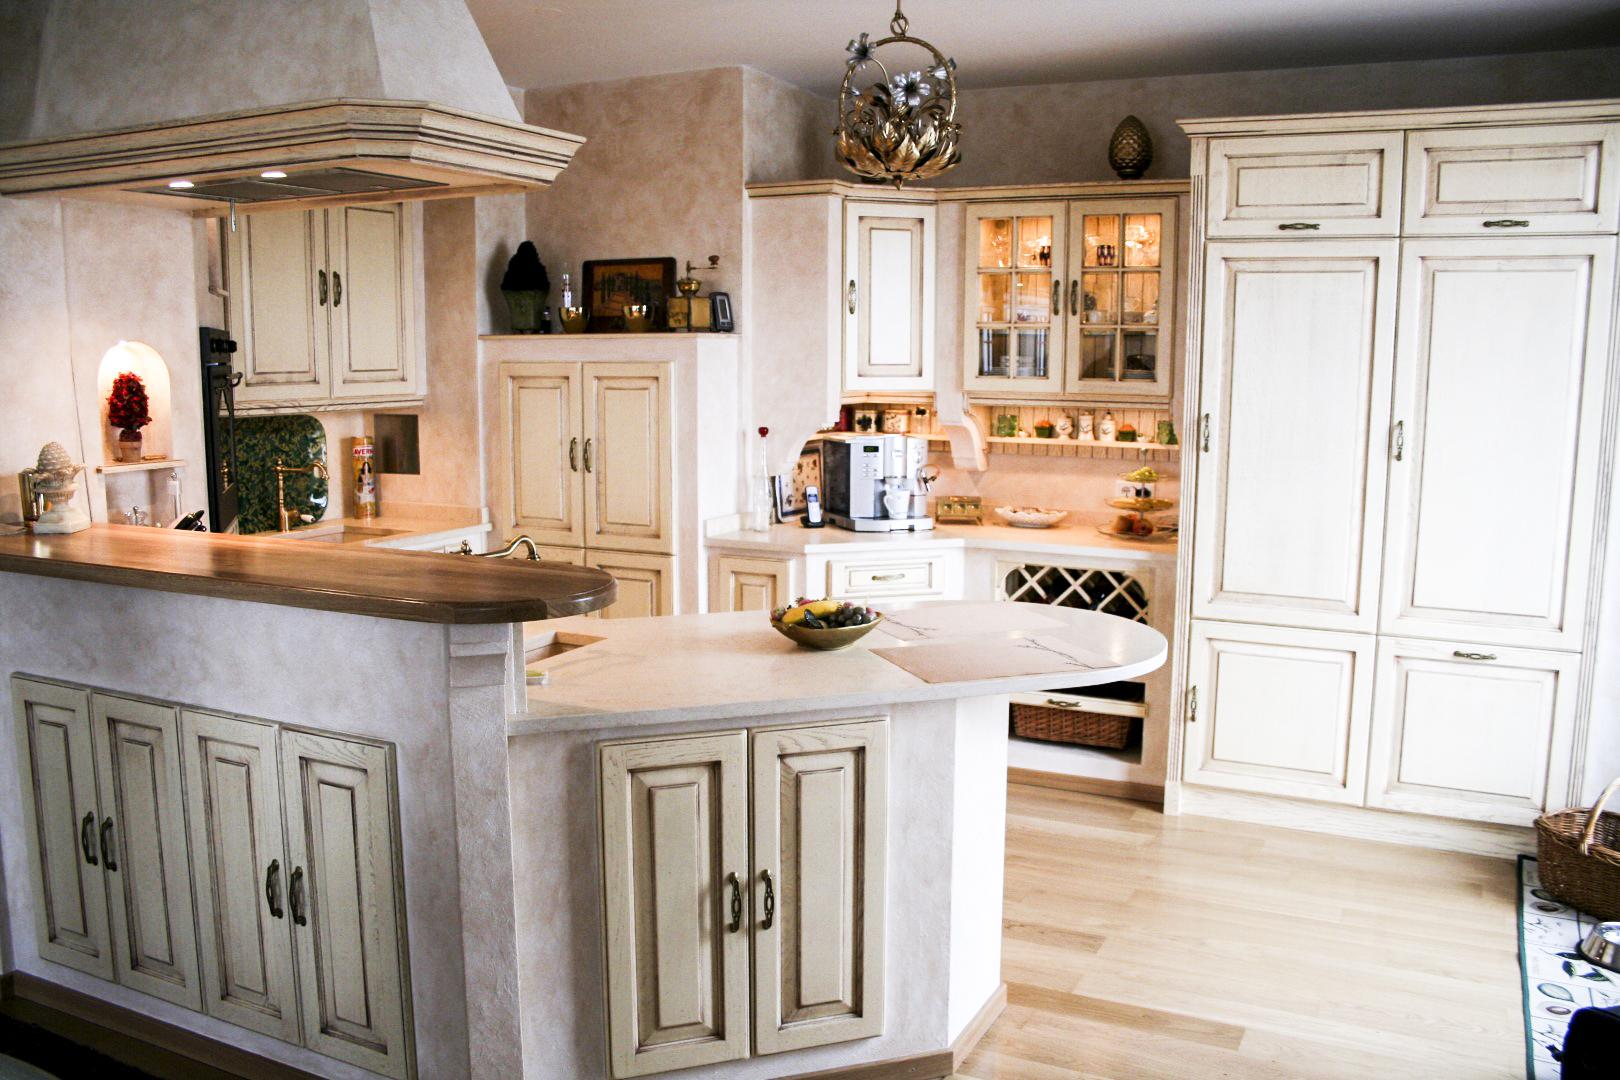 Full Size of Landhausküche Weiß Gebraucht Kaufen Landhausküche Weiß Streichen Landhausküche Oslo Weiß Kleine Landhausküche Weiß Küche Landhausküche Weiß